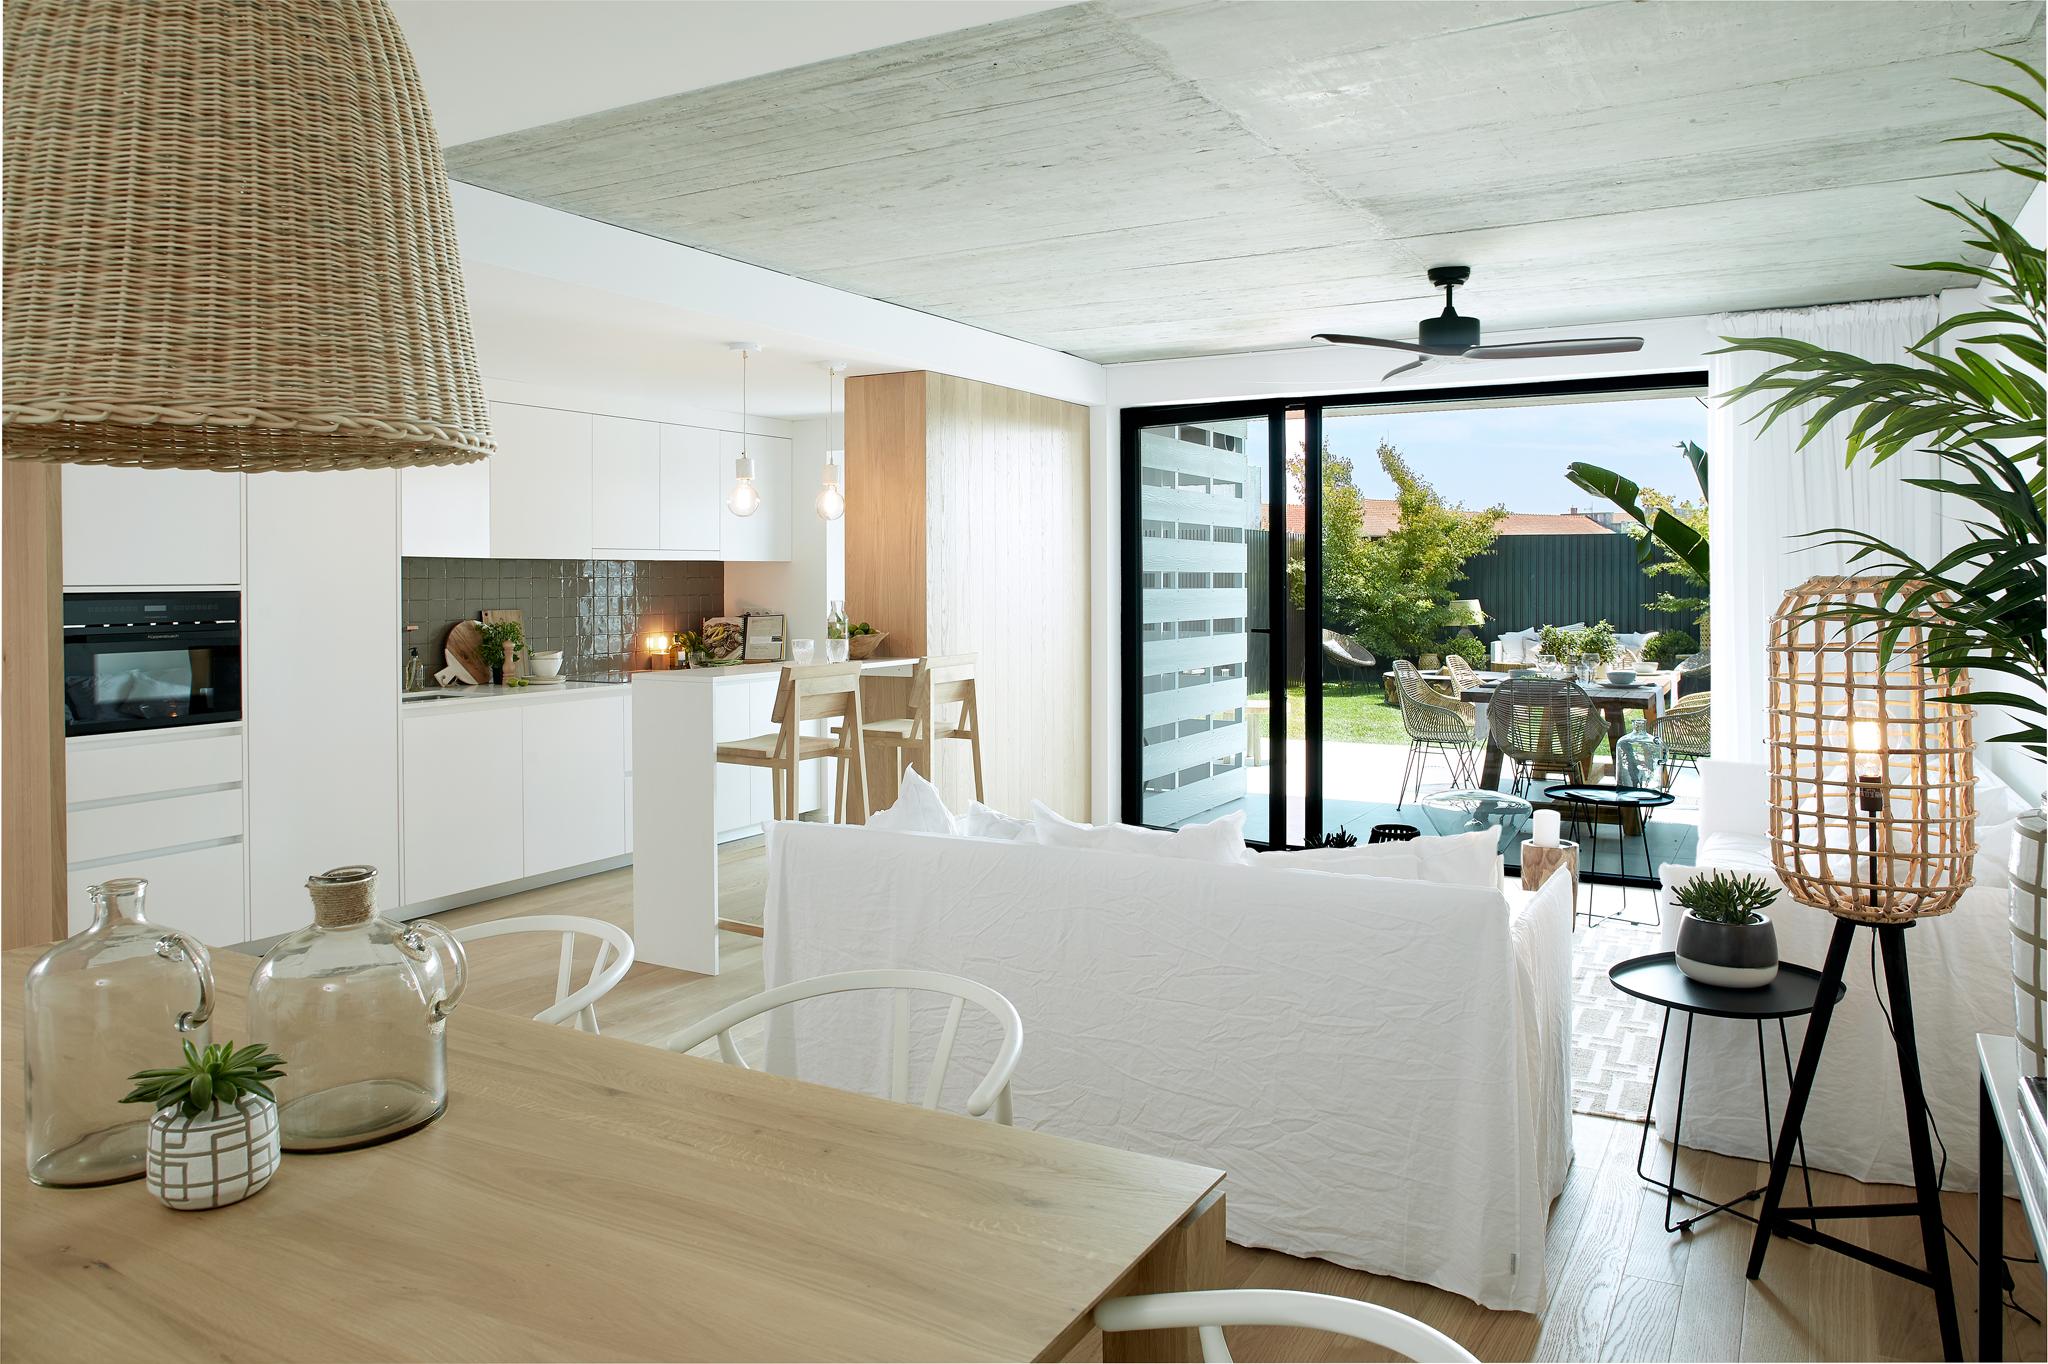 CivilRia Apartments Spiritus Digital Work Manel Gomes Costa